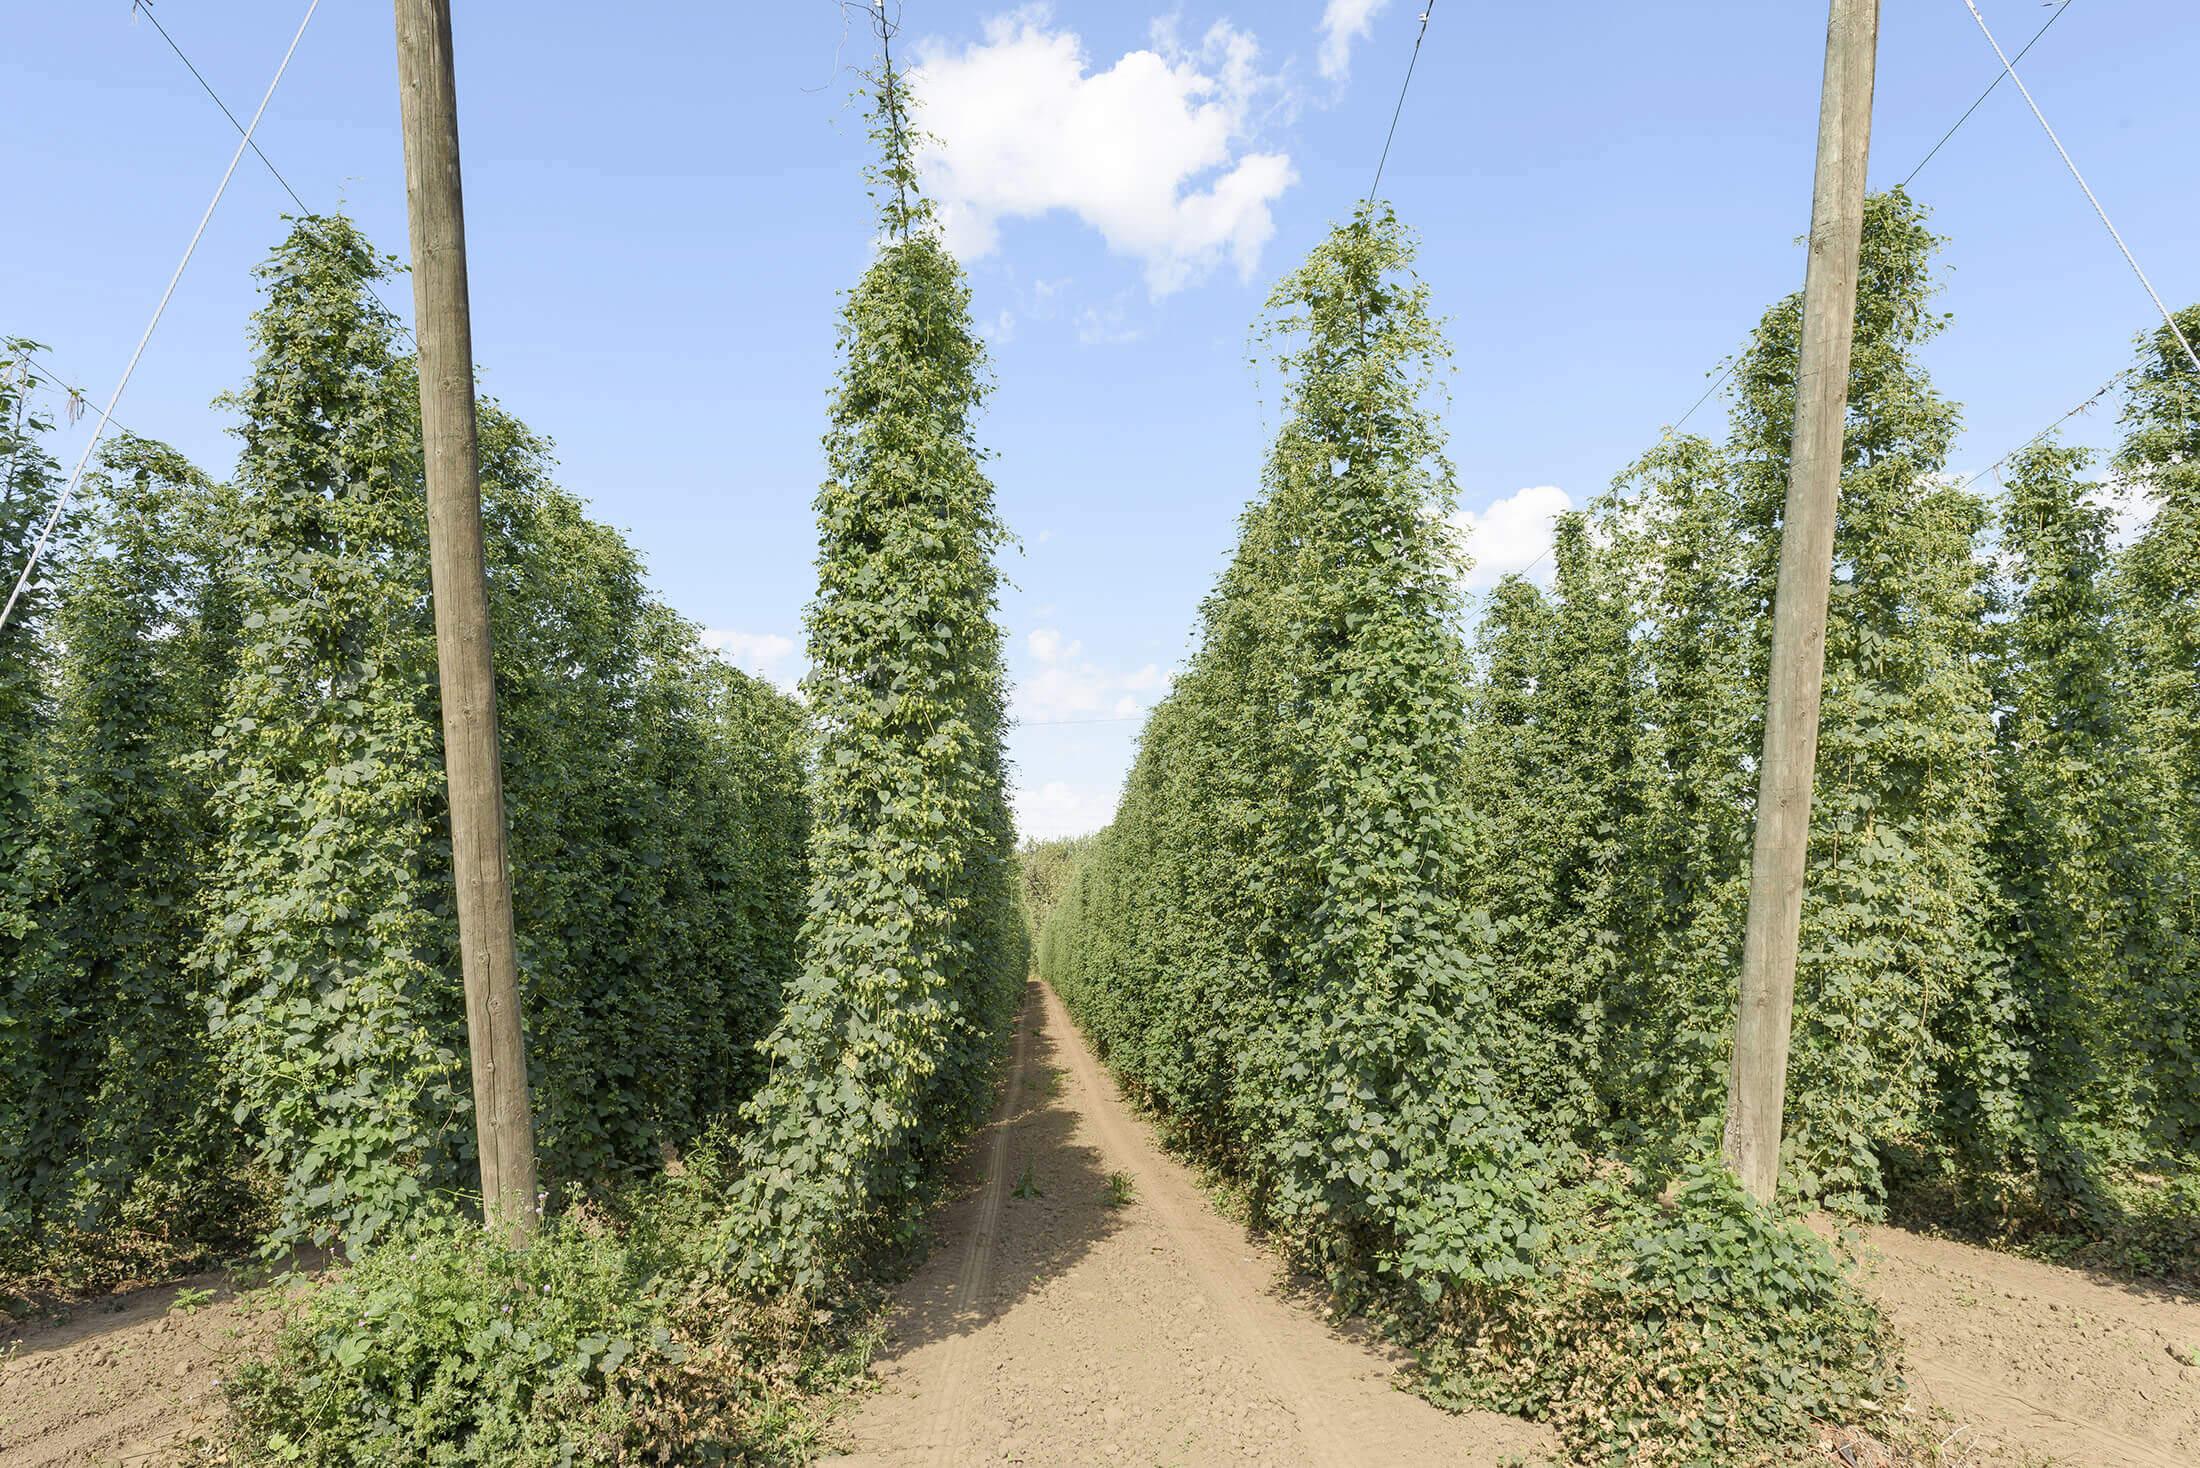 Rows of hops on a farm